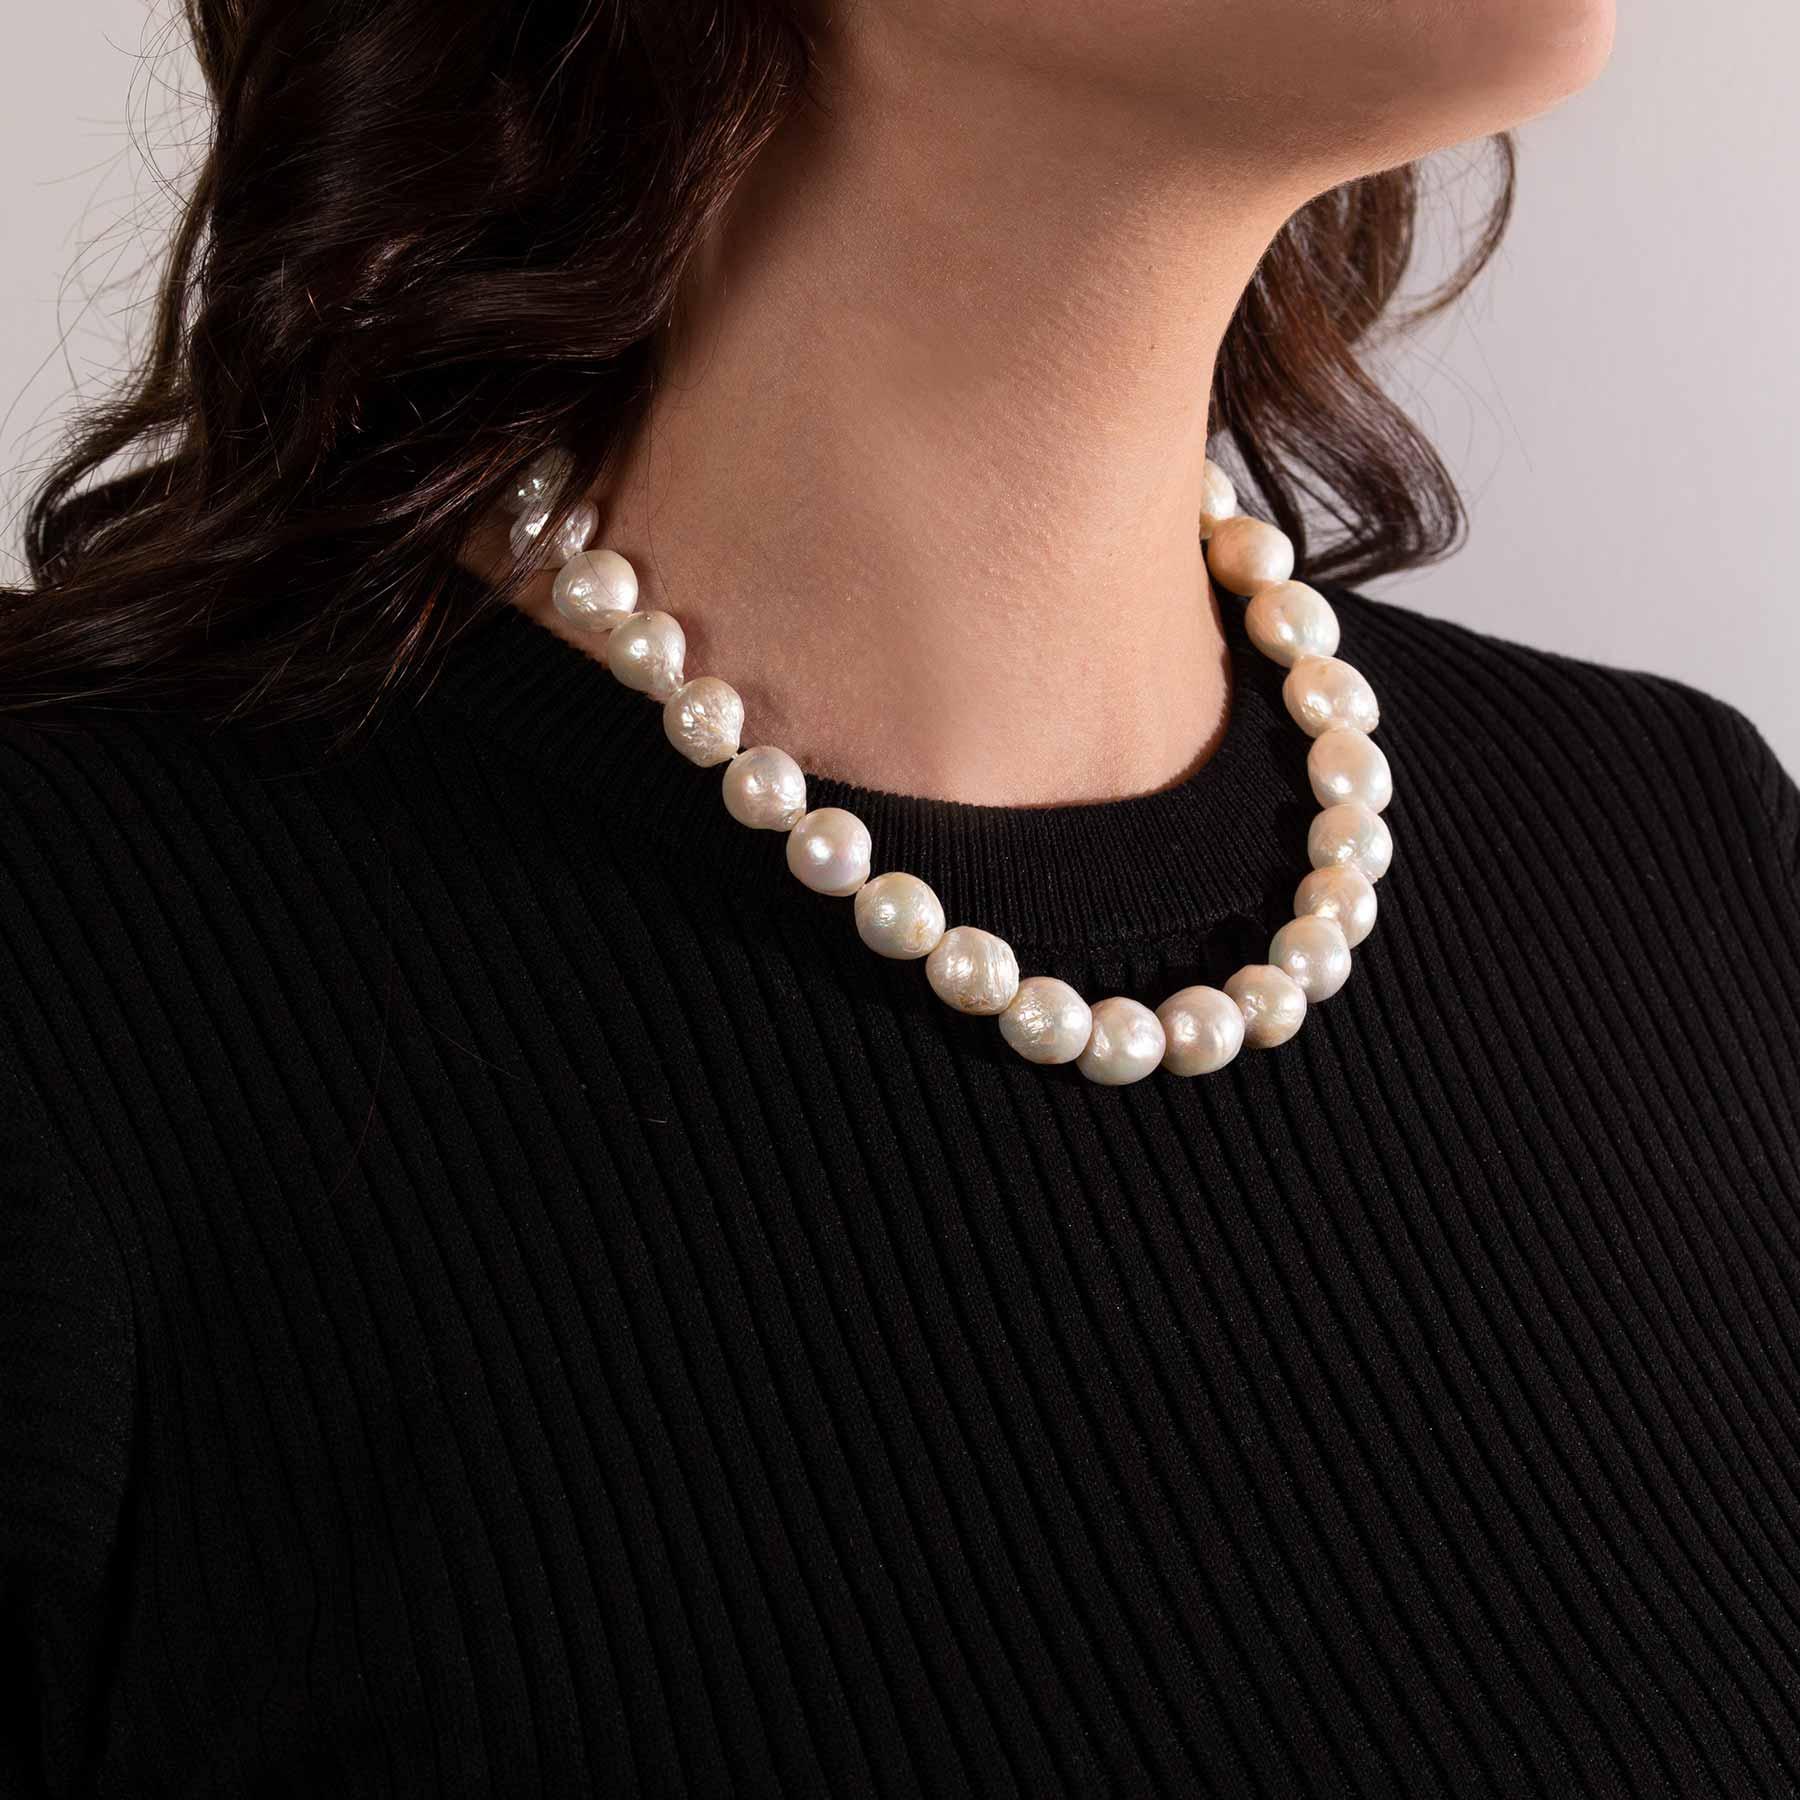 collana di perle barocche e argento